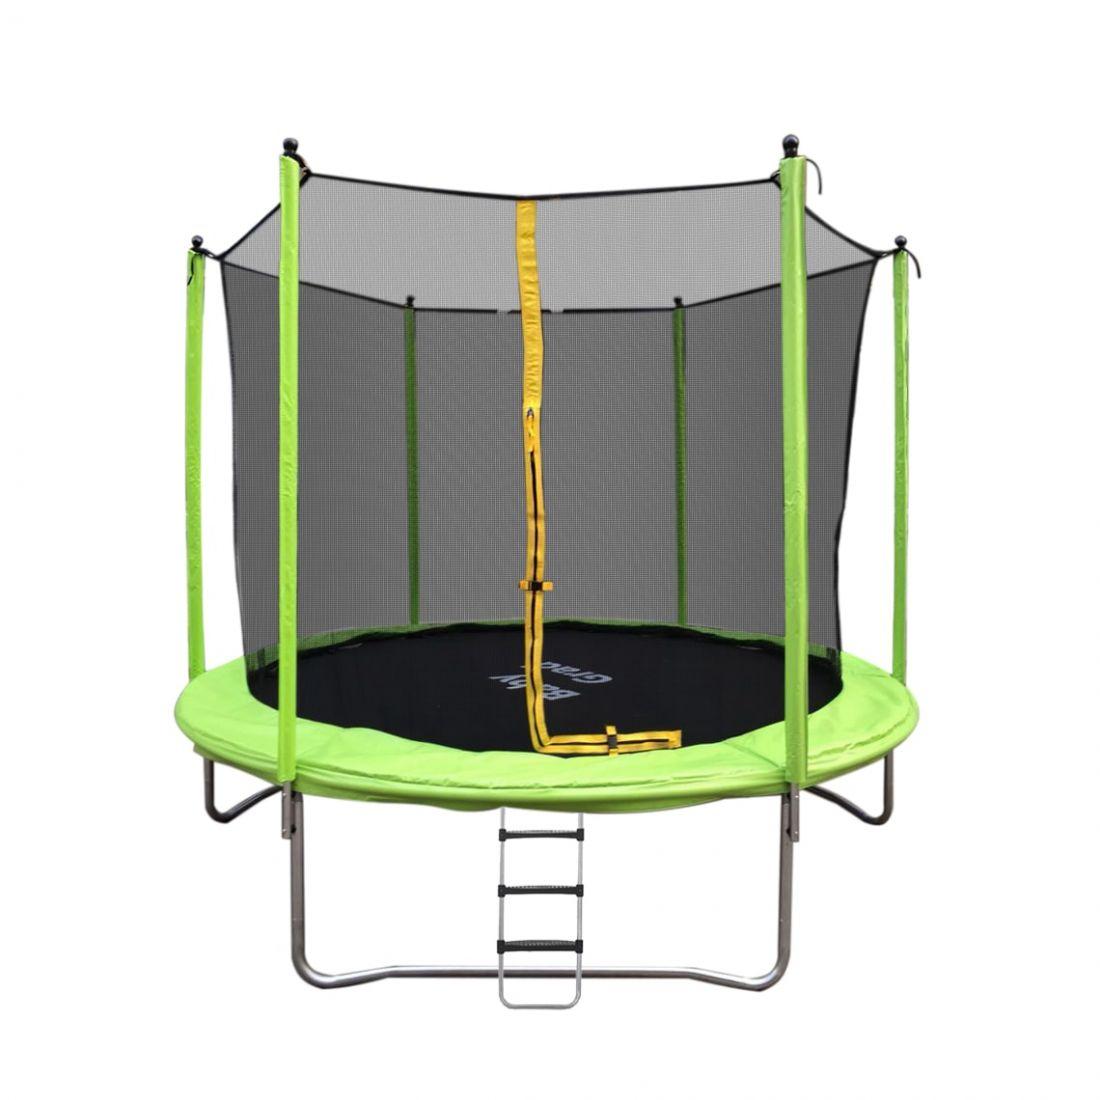 Батут с внутренней защитной сеткой - Baby Grad Оптима 8ft( 2,44 метра), цвет зеленый